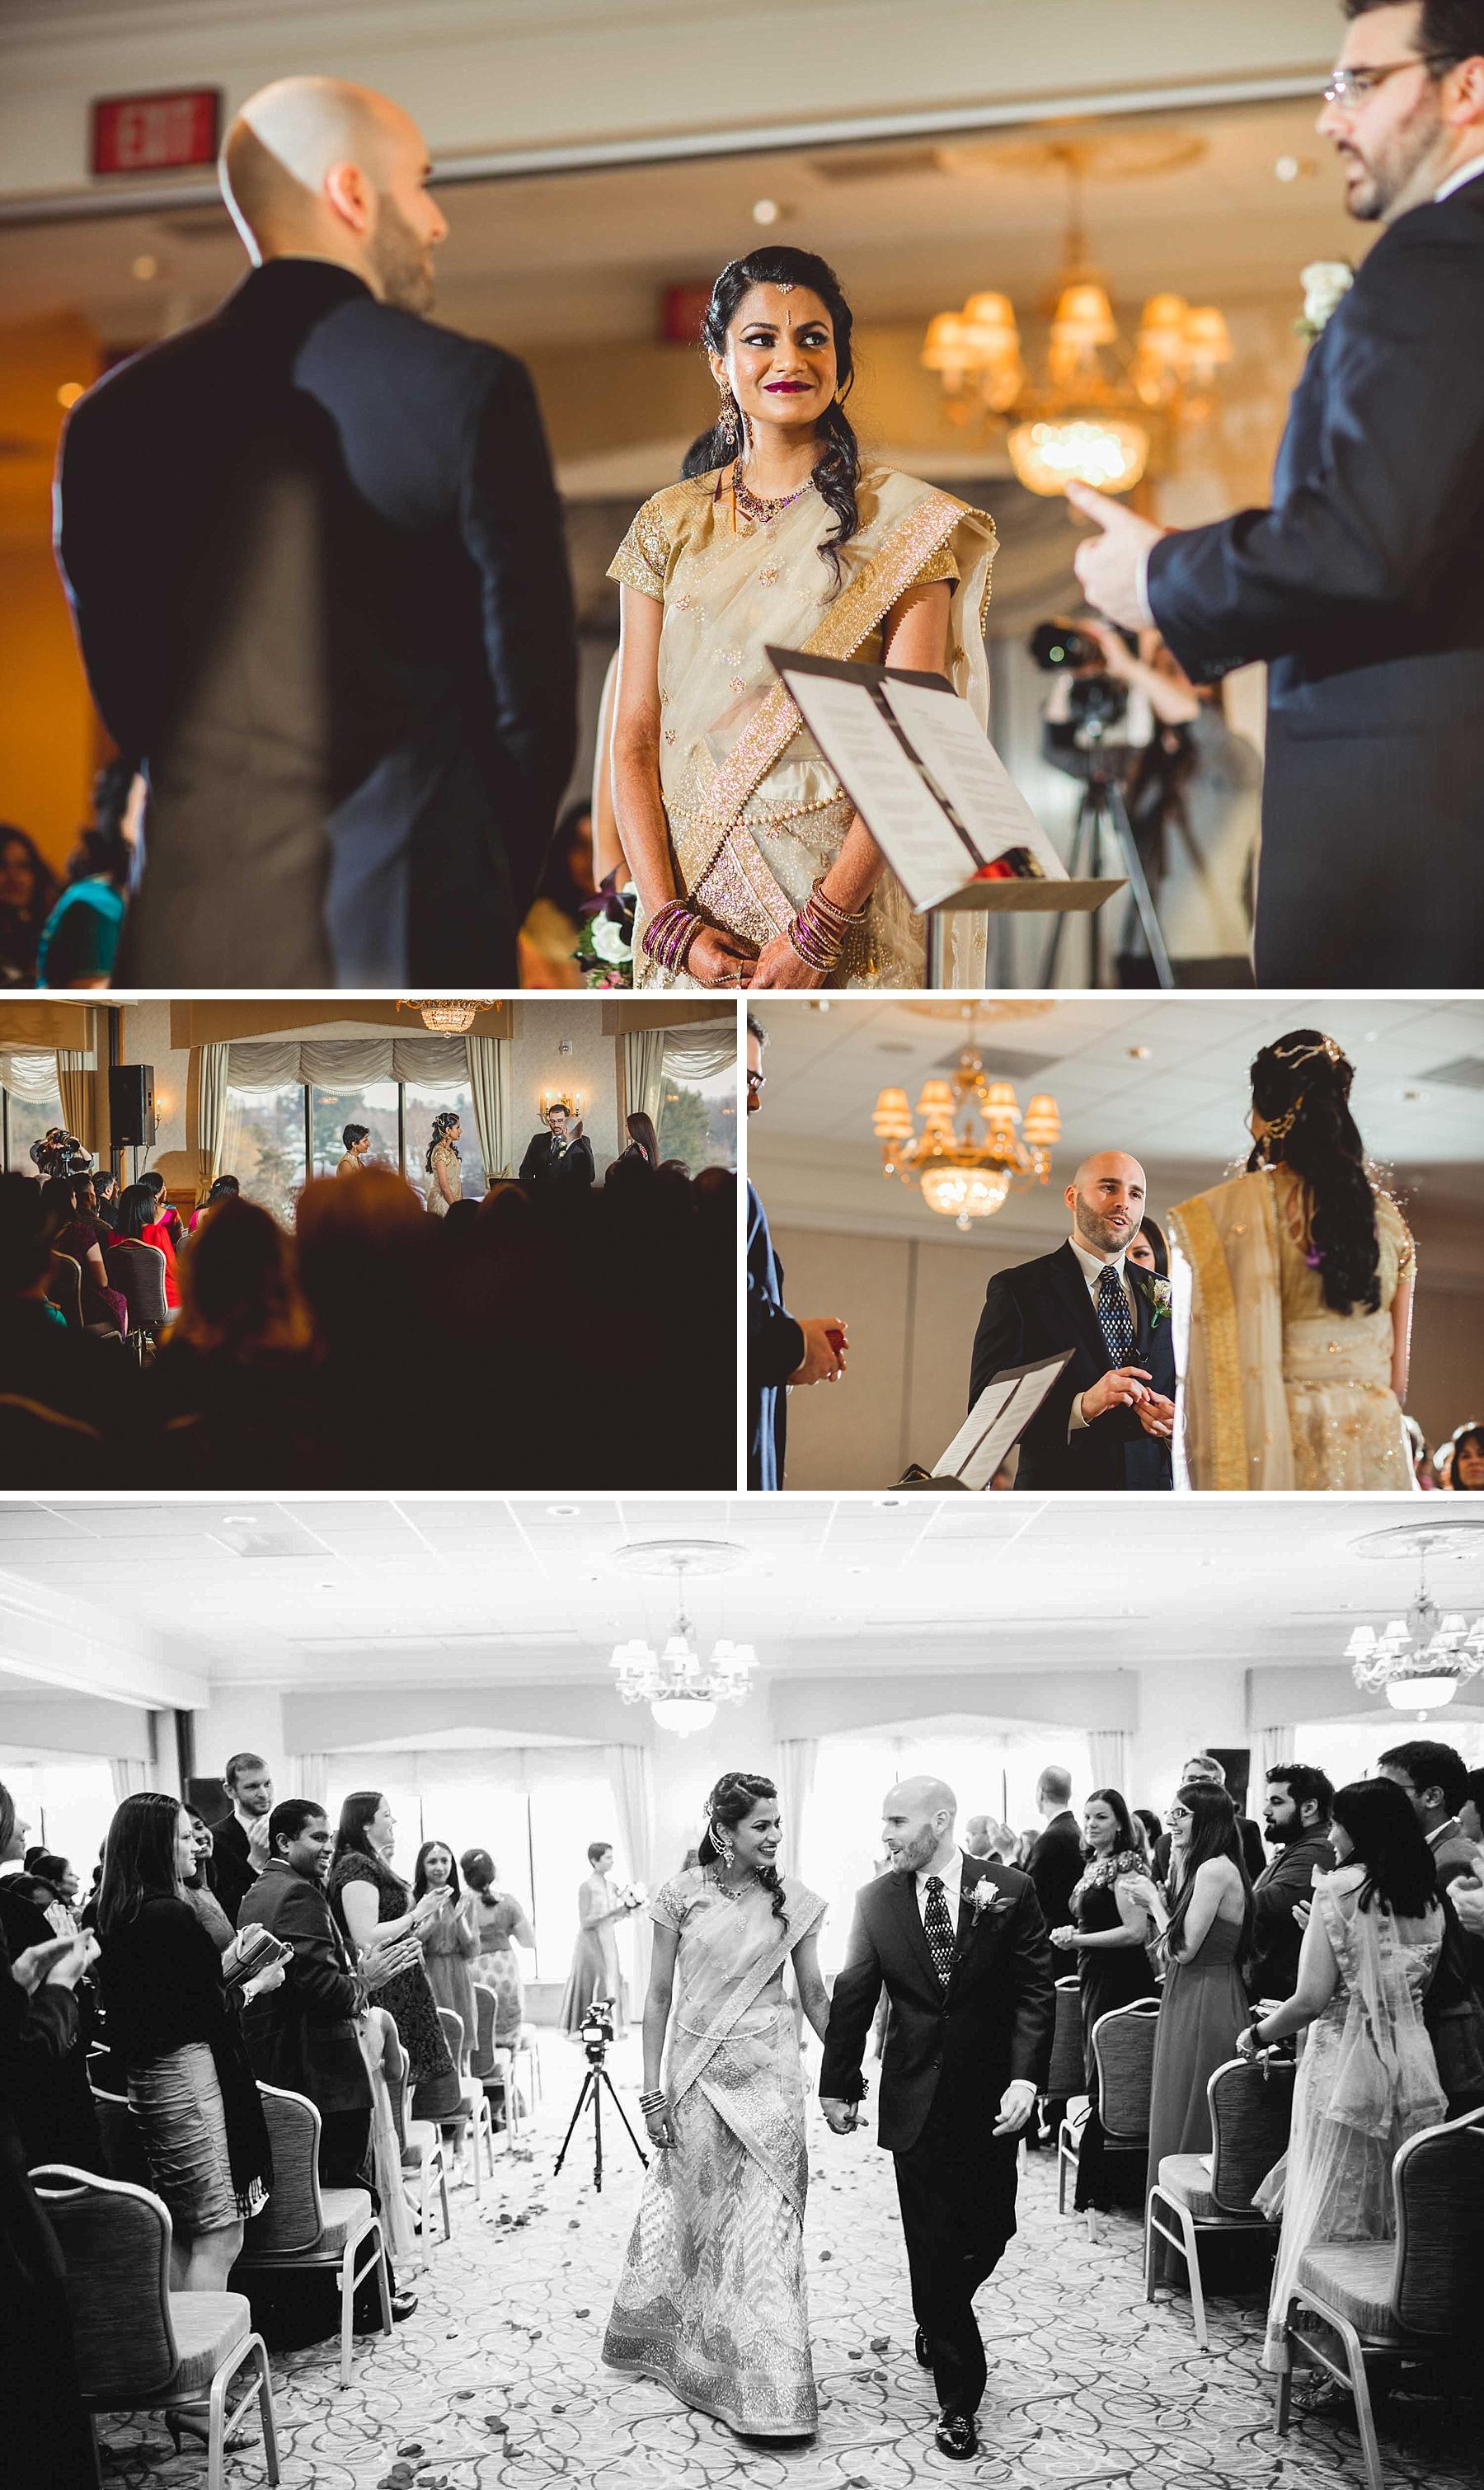 Ebersole-Photo-wedding-52.jpg